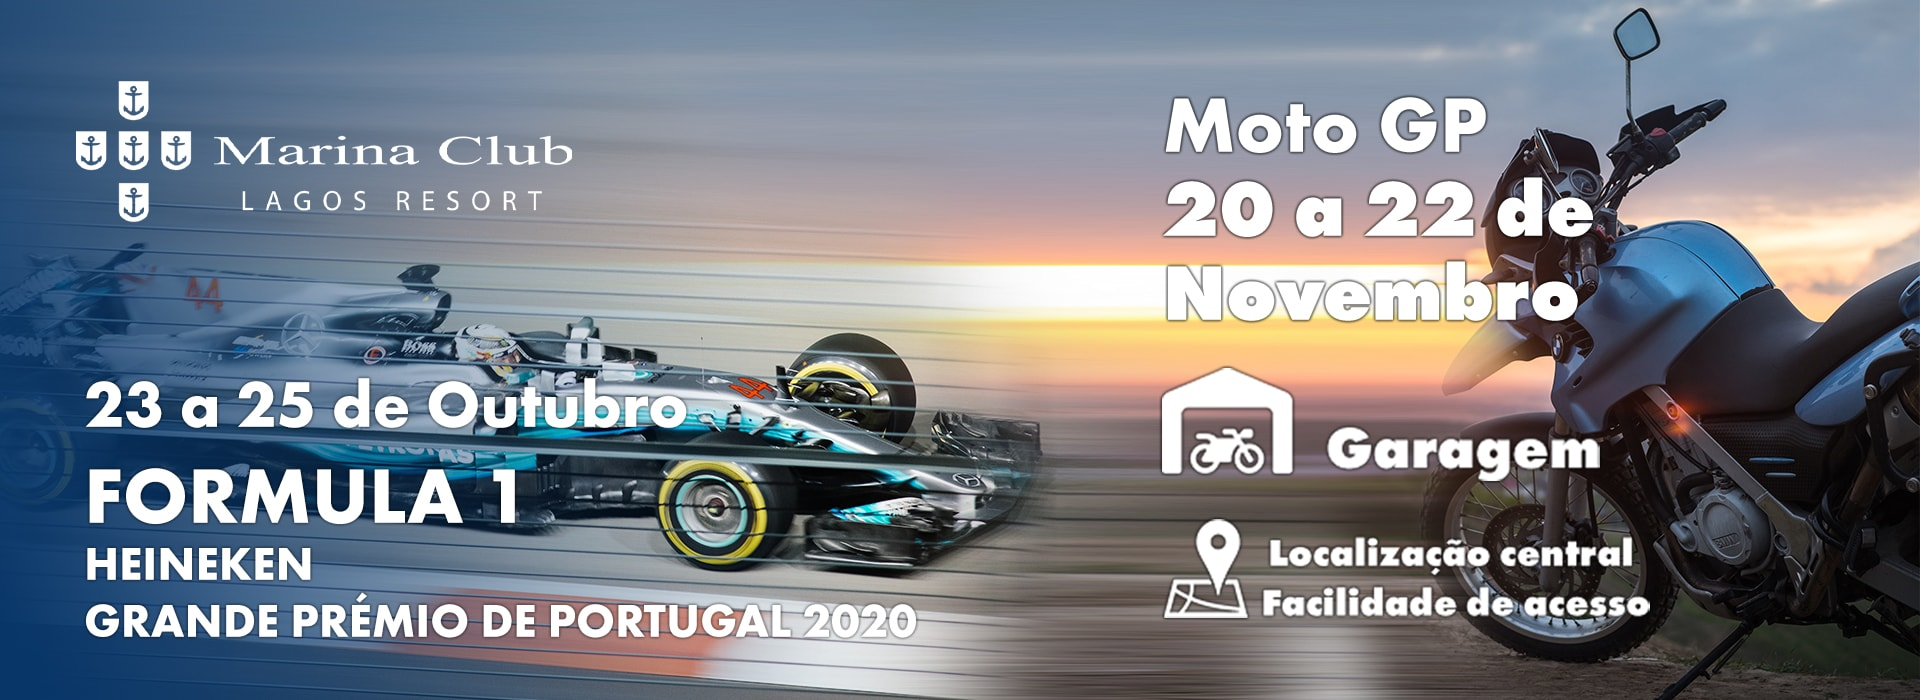 23 a 25 de Outubro FORMULA 1 HEINEKEN GRANDE PRÉMIO DE PORTUGAL 2020